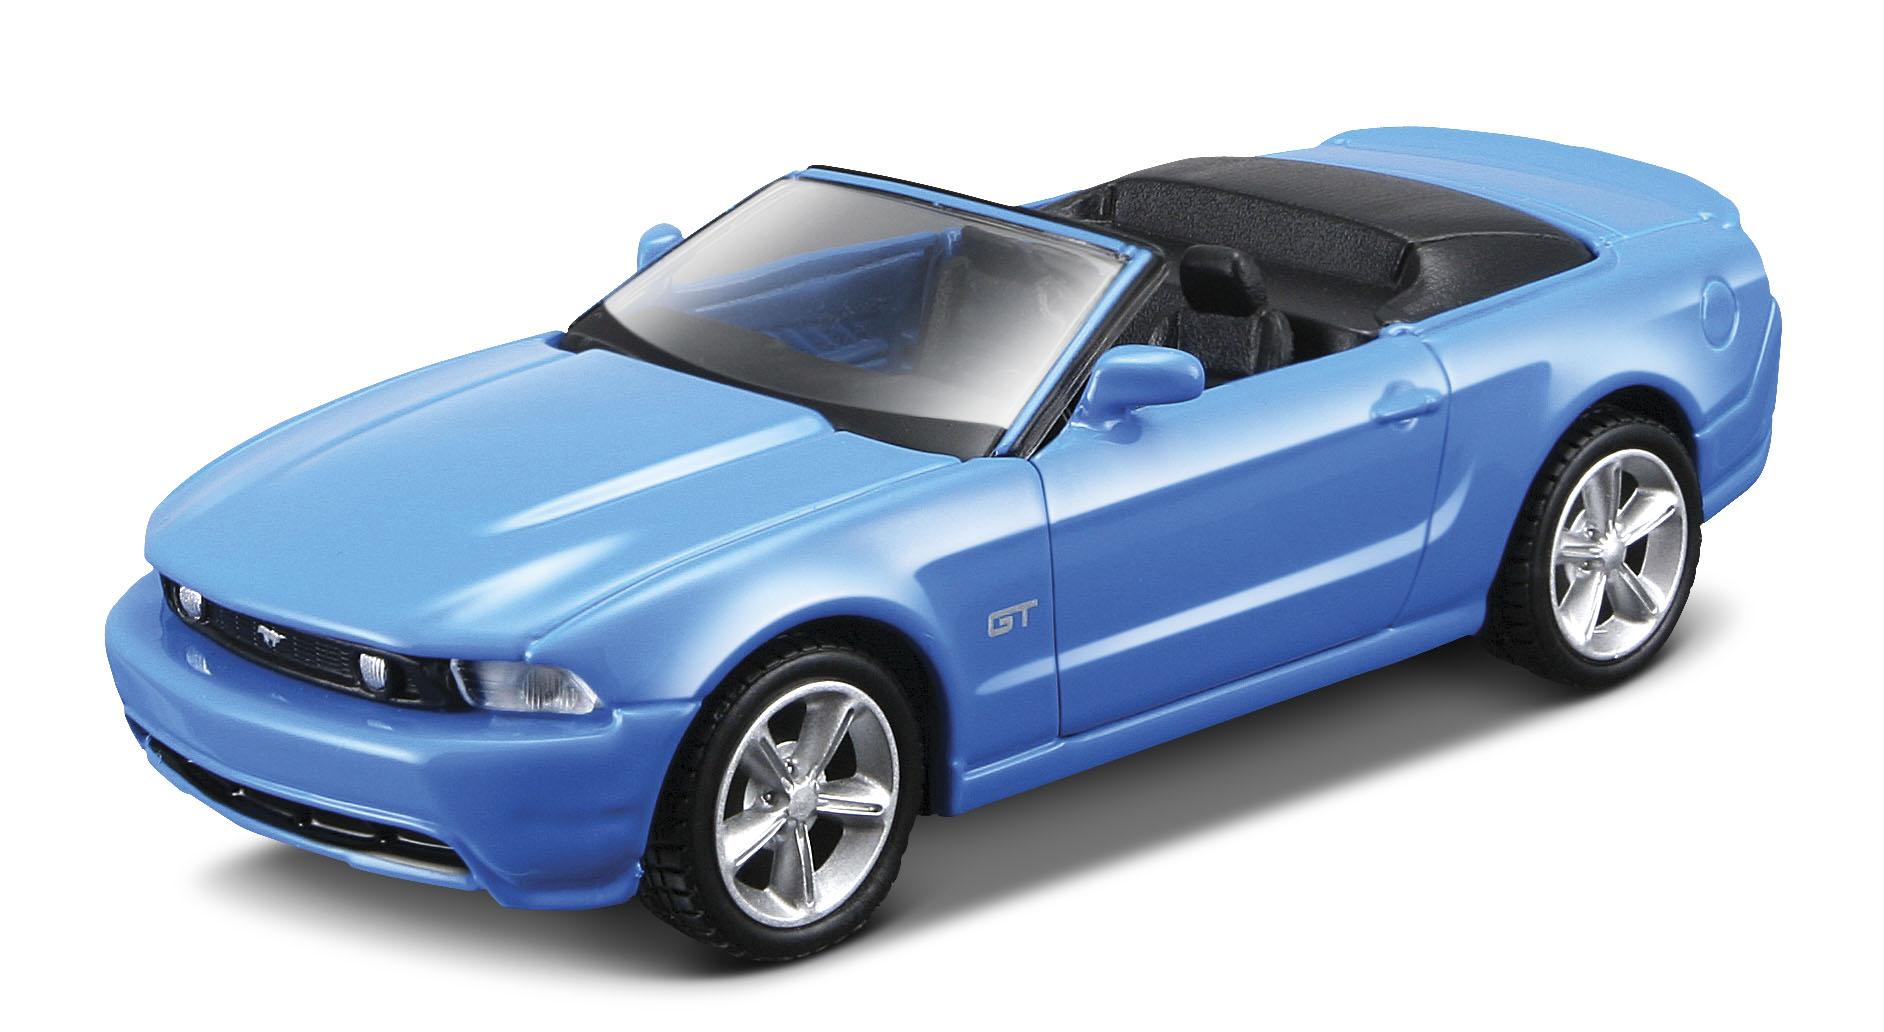 2010 ford mustang gt model cars hobbydb